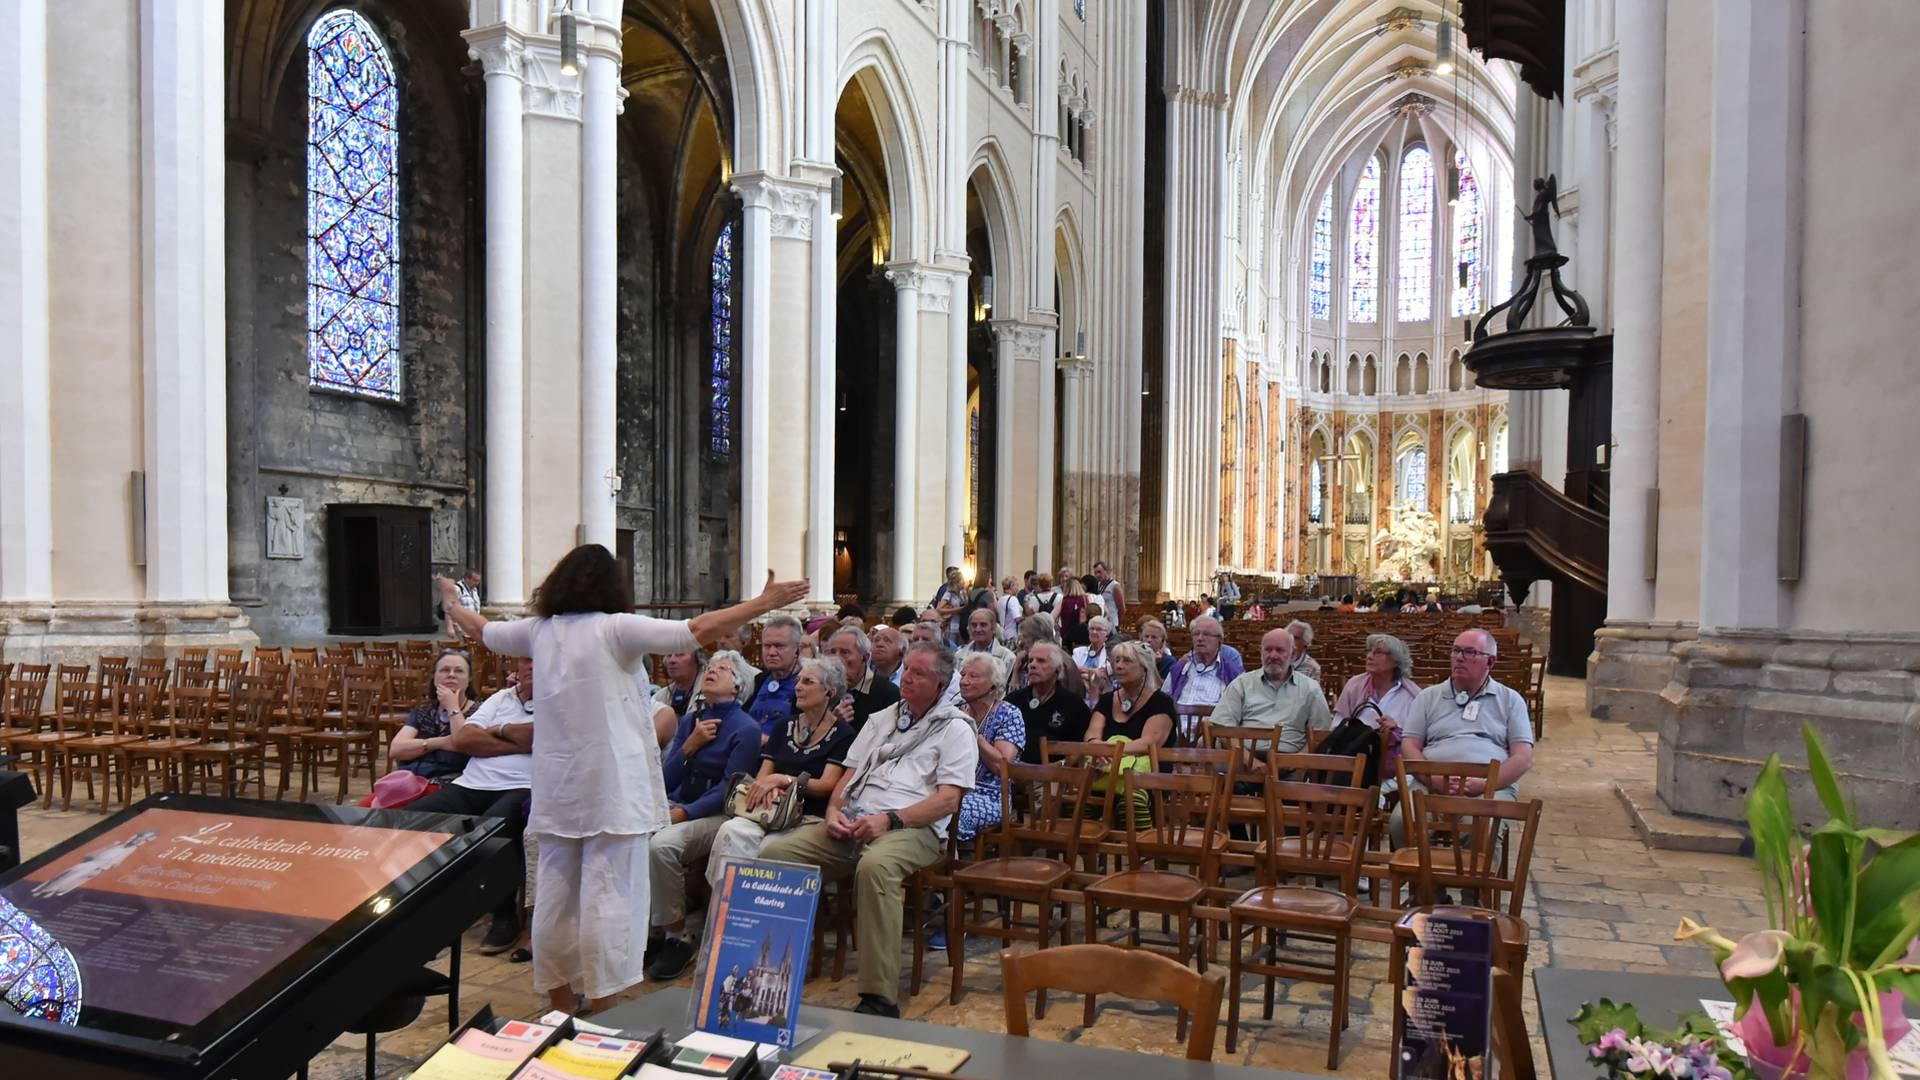 Visiter la cathédrale de Chartres avec un guide - Copyright Chartres Tourisme - Xavier Martino